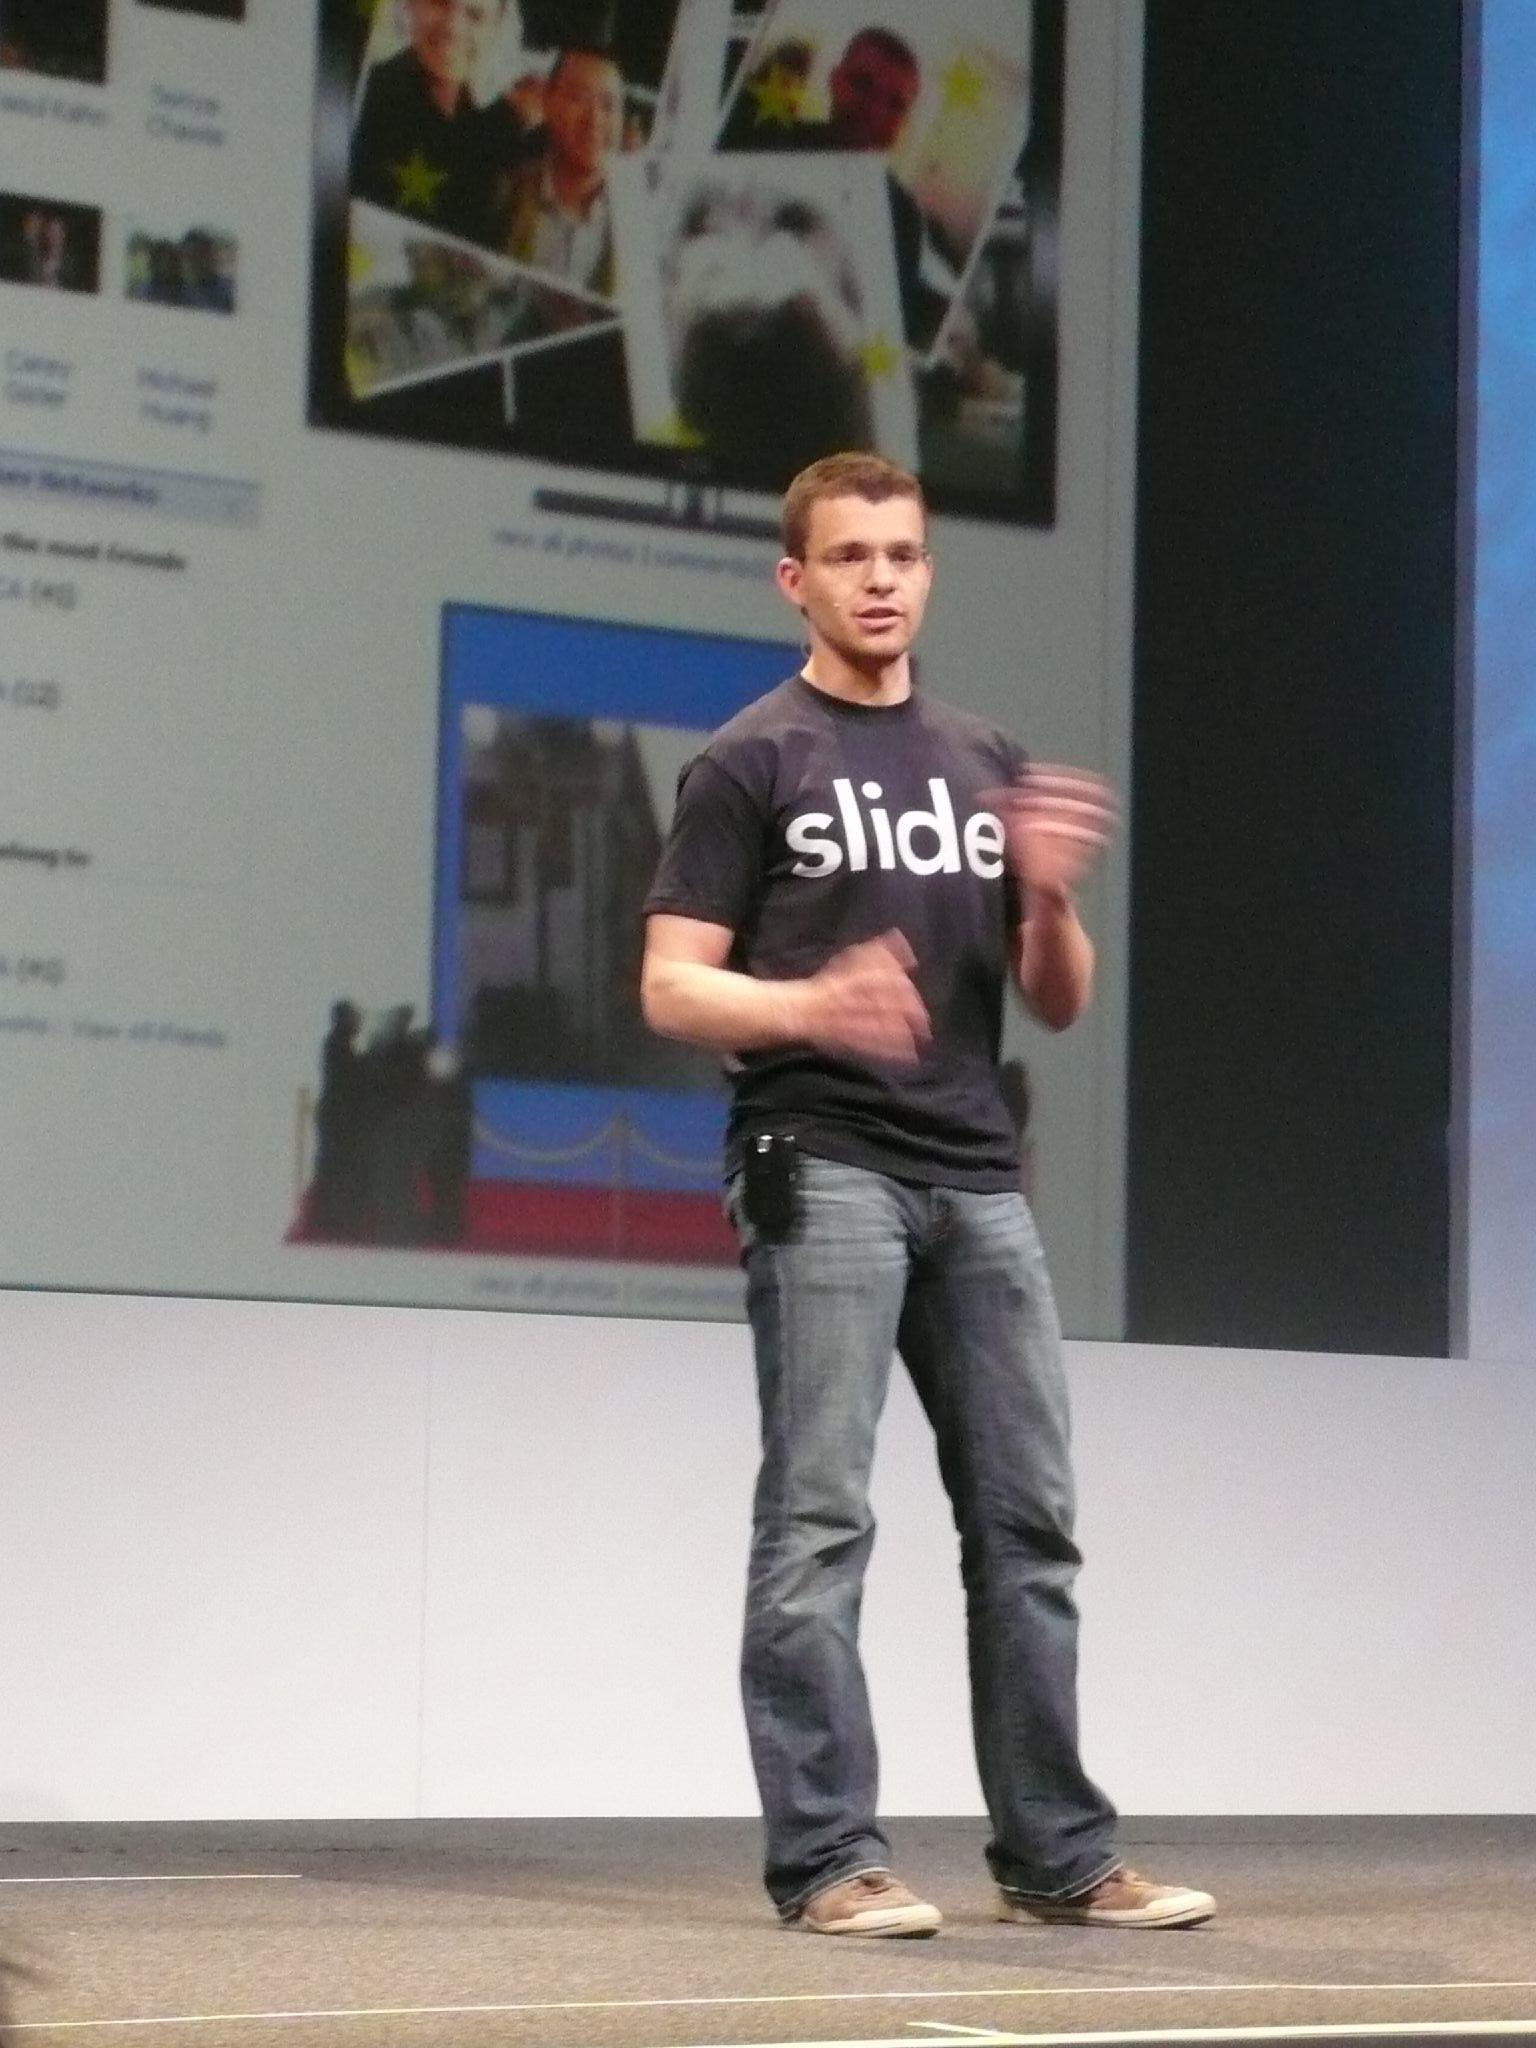 Max Levchin, Slide